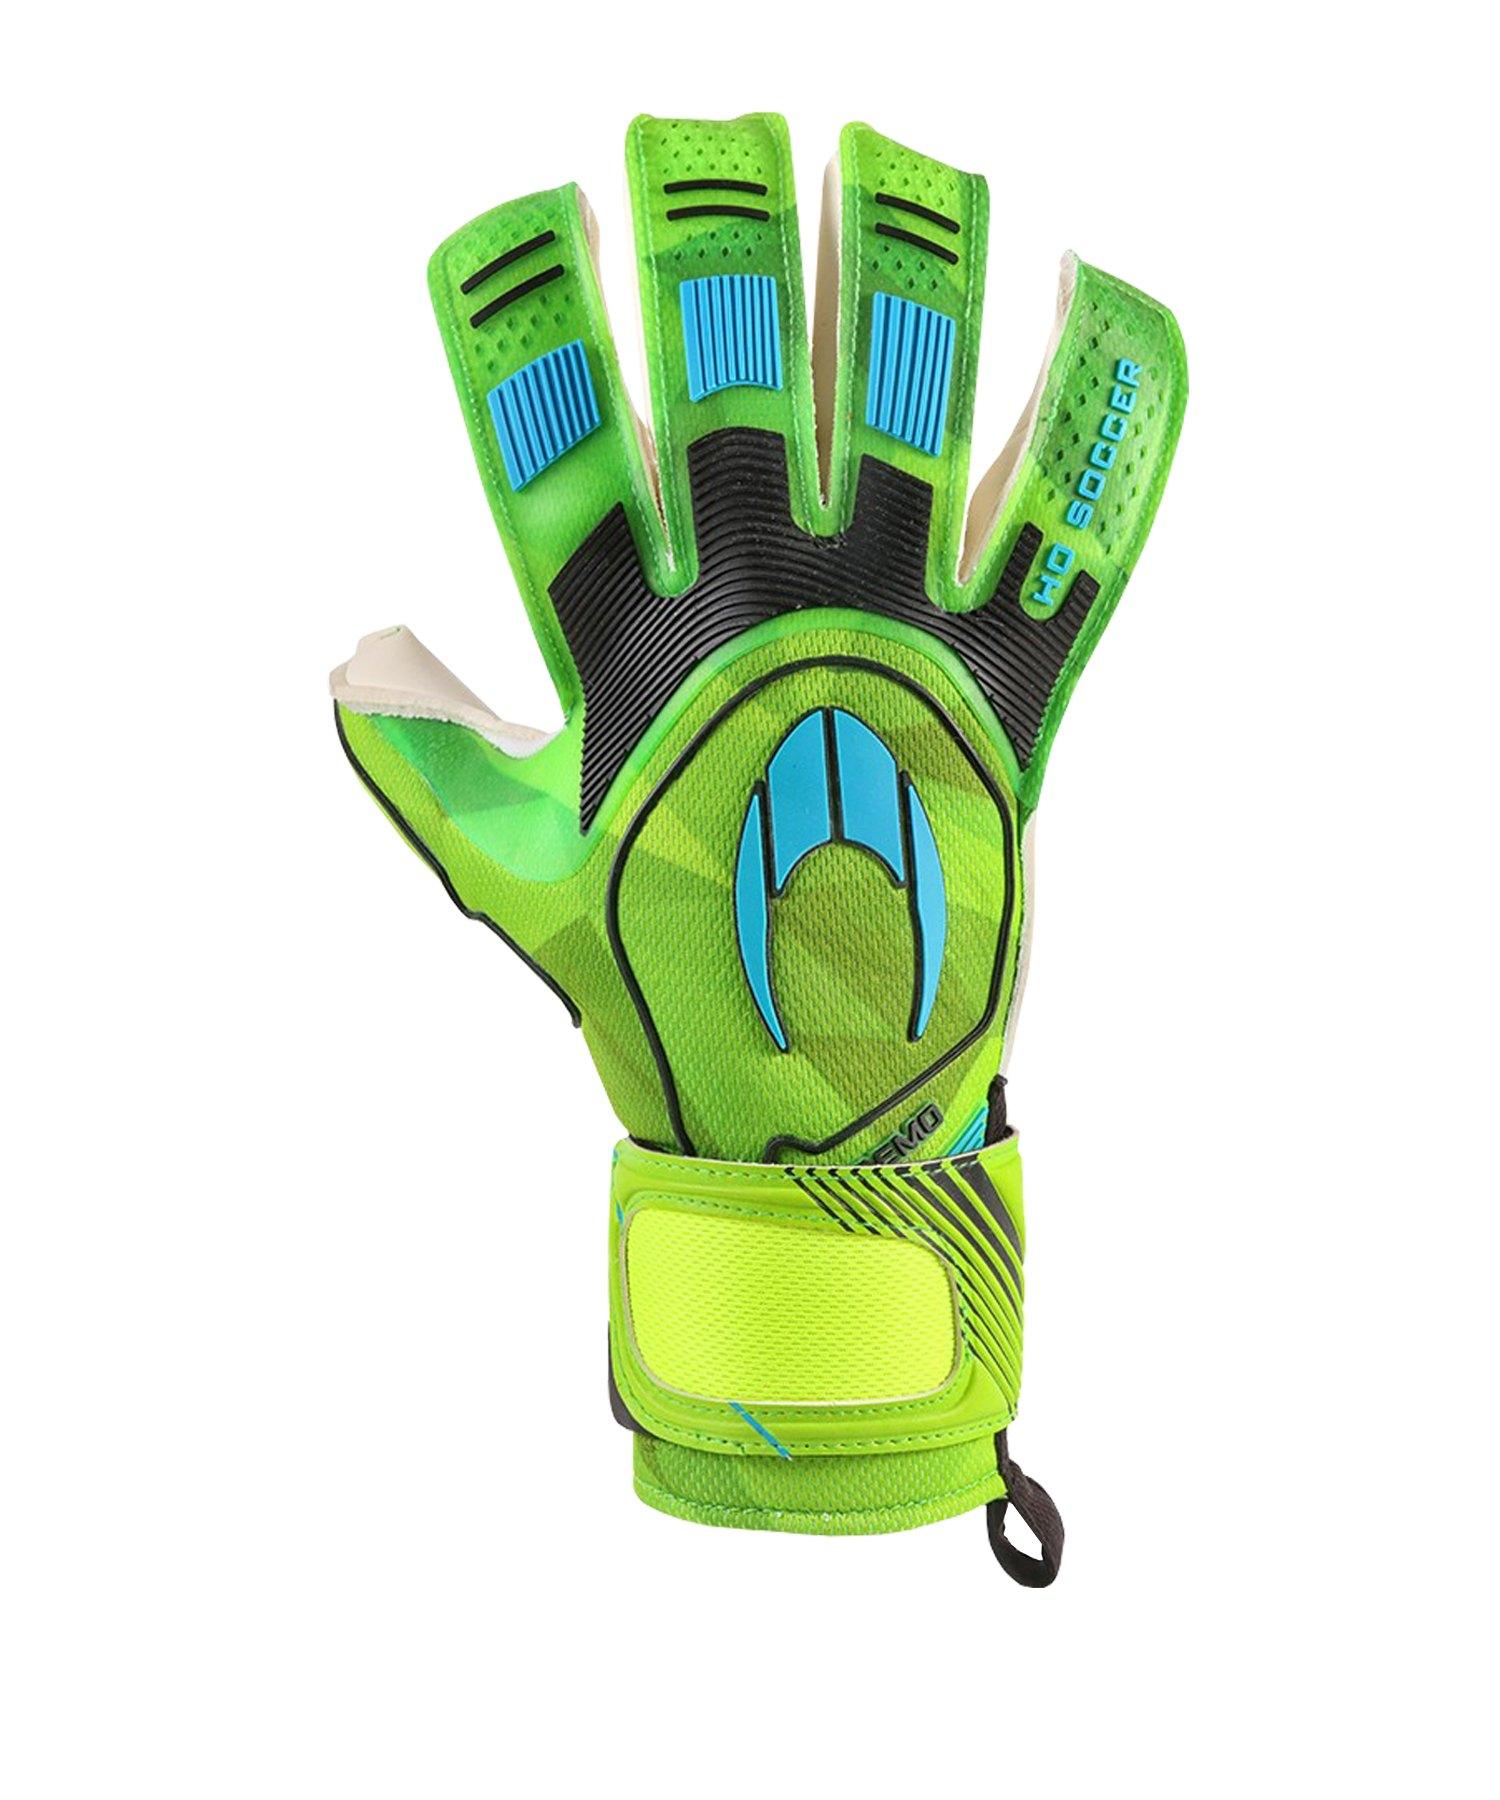 HO Soccer SSG Supremo 2 Roll TW-Handschuhe Grün - gruen